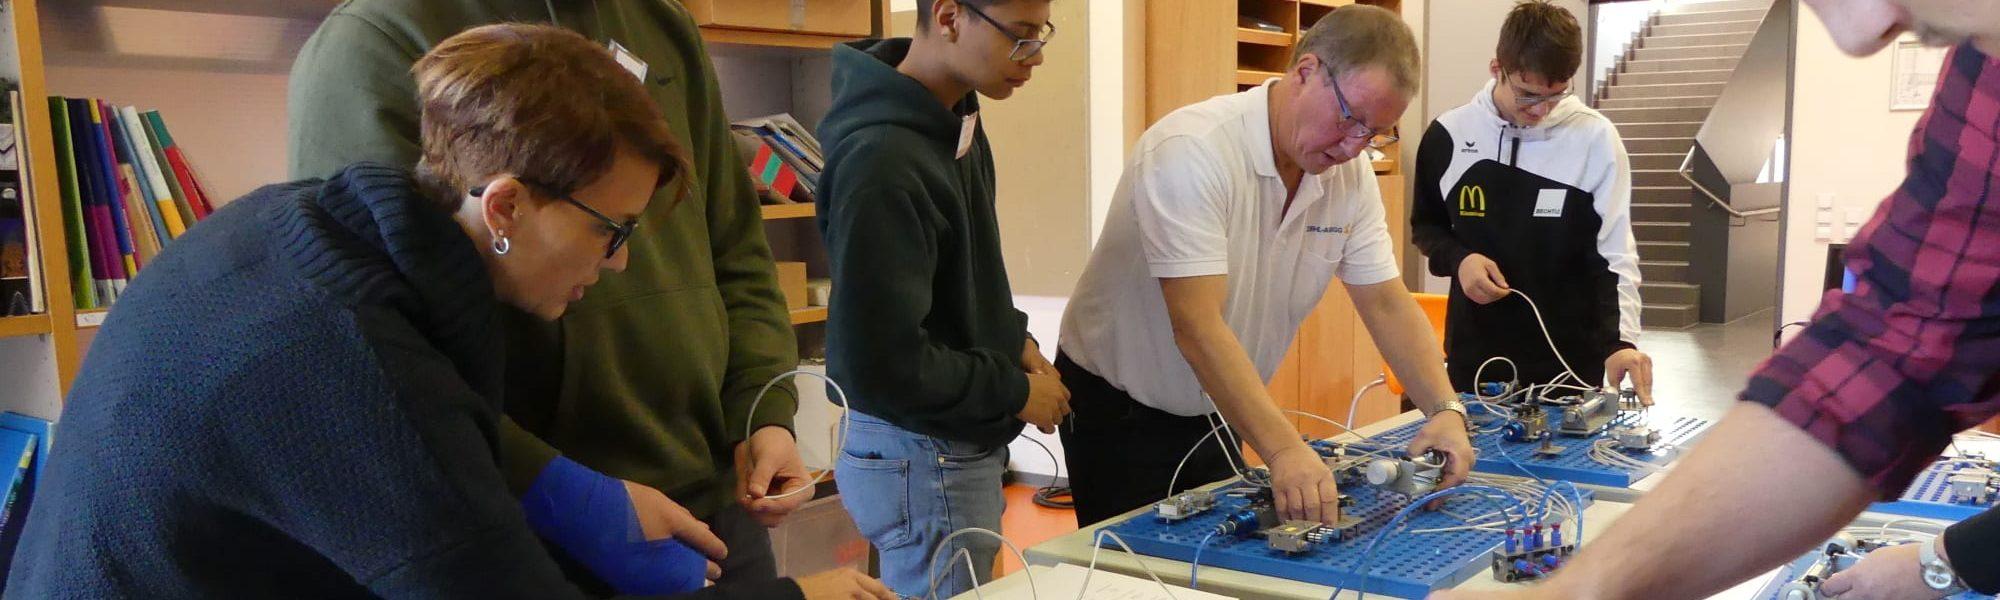 Mehrere Schüler mit einem Ausbilder im Gespräch